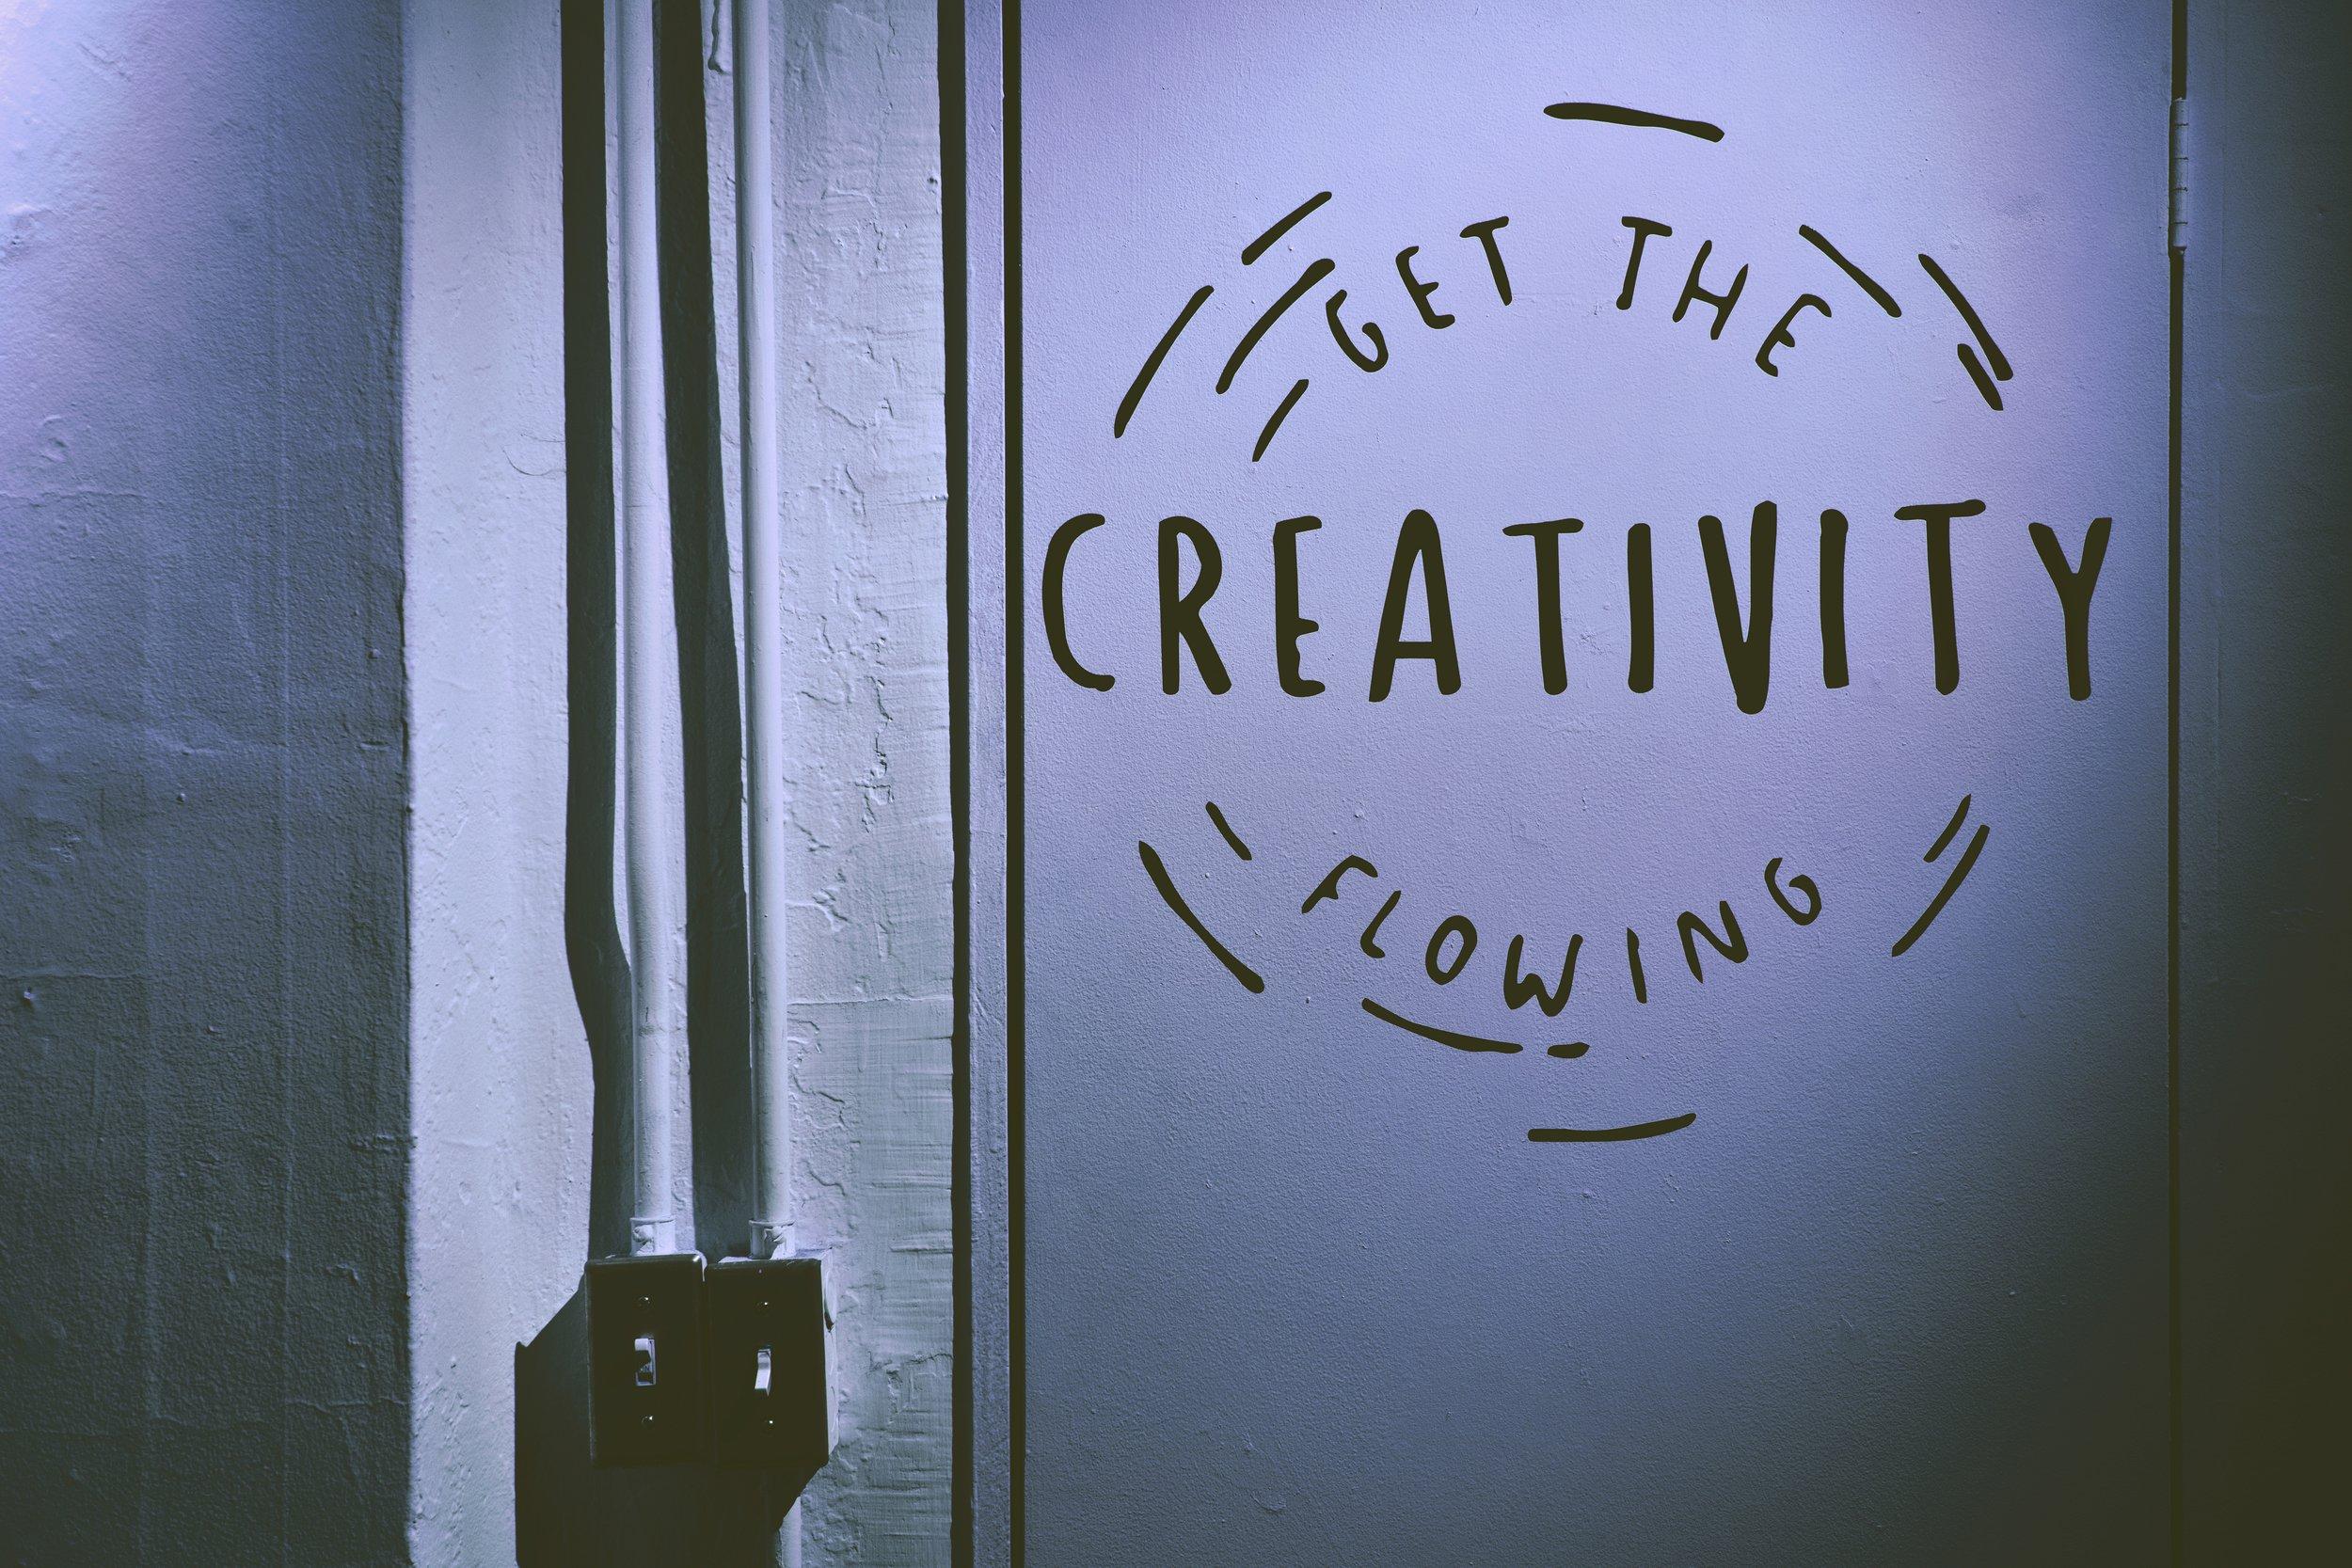 inspiratie-content-blogs.jpg